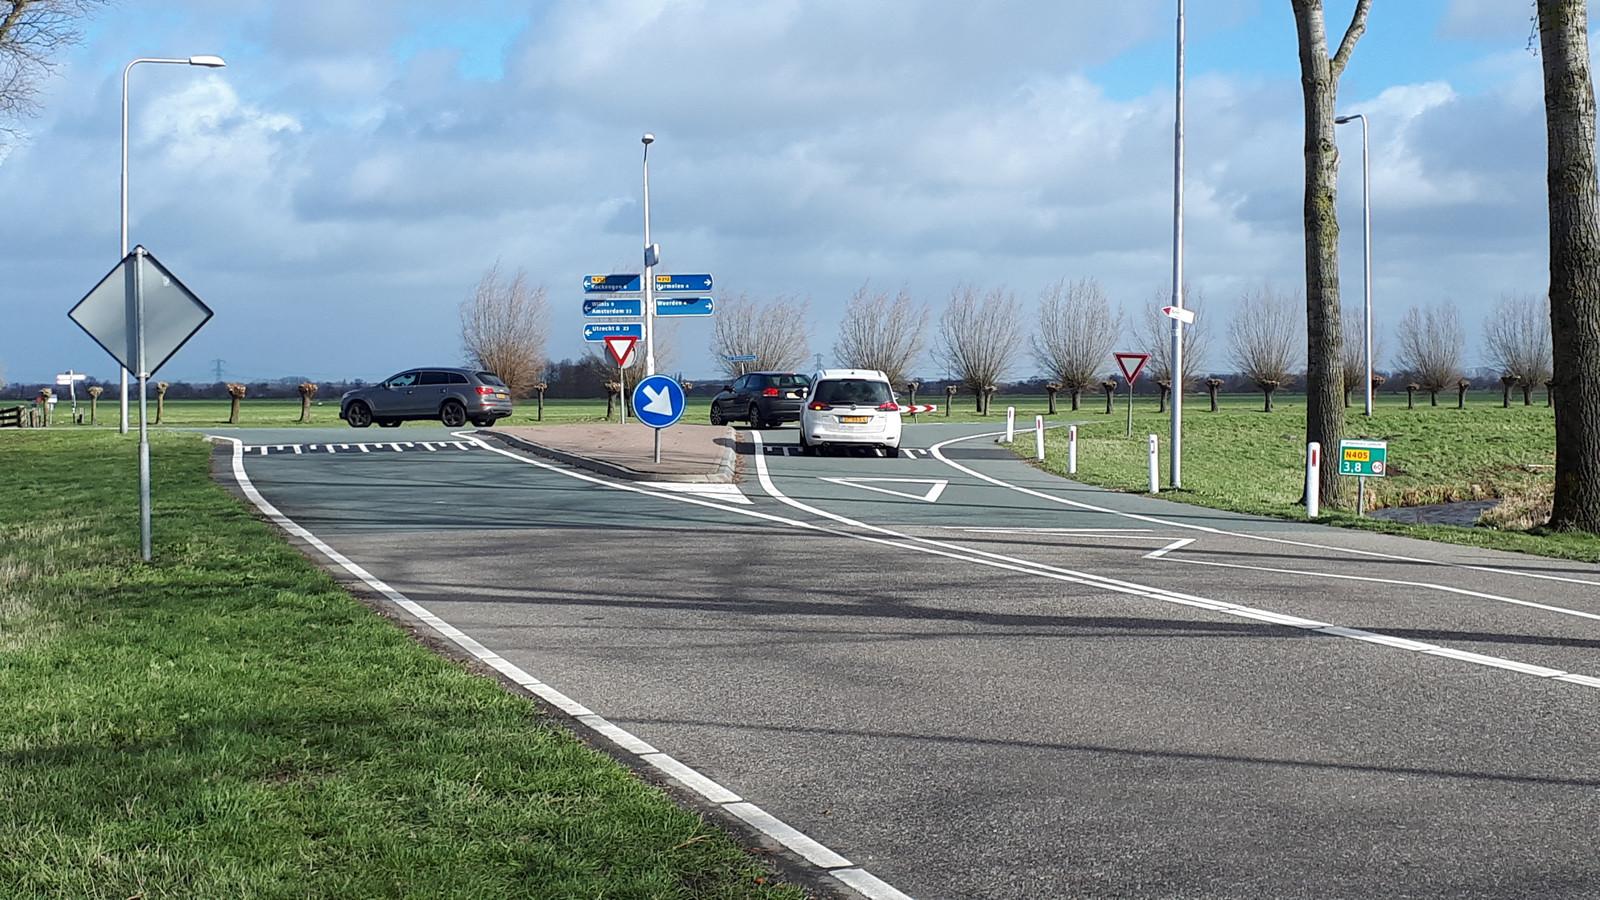 De T-kruising van de Spruitweg met de Ingenieur Enschedeweg in Kamerik wordt waarschijnlijk in 2023 vervangen voor een rotonde.